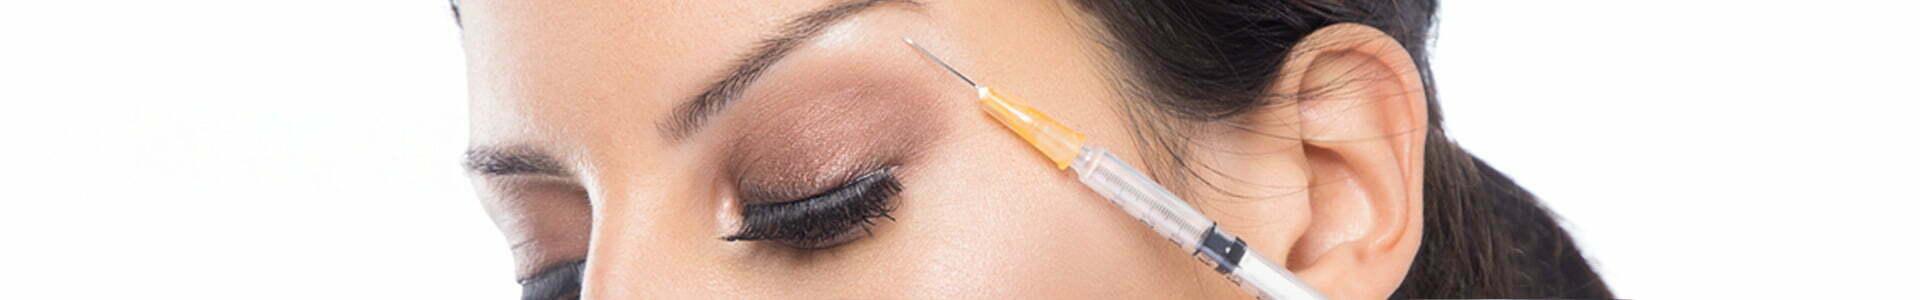 eliminar arugas de frente entrecejo con botox botox madrid medicina estética y botox